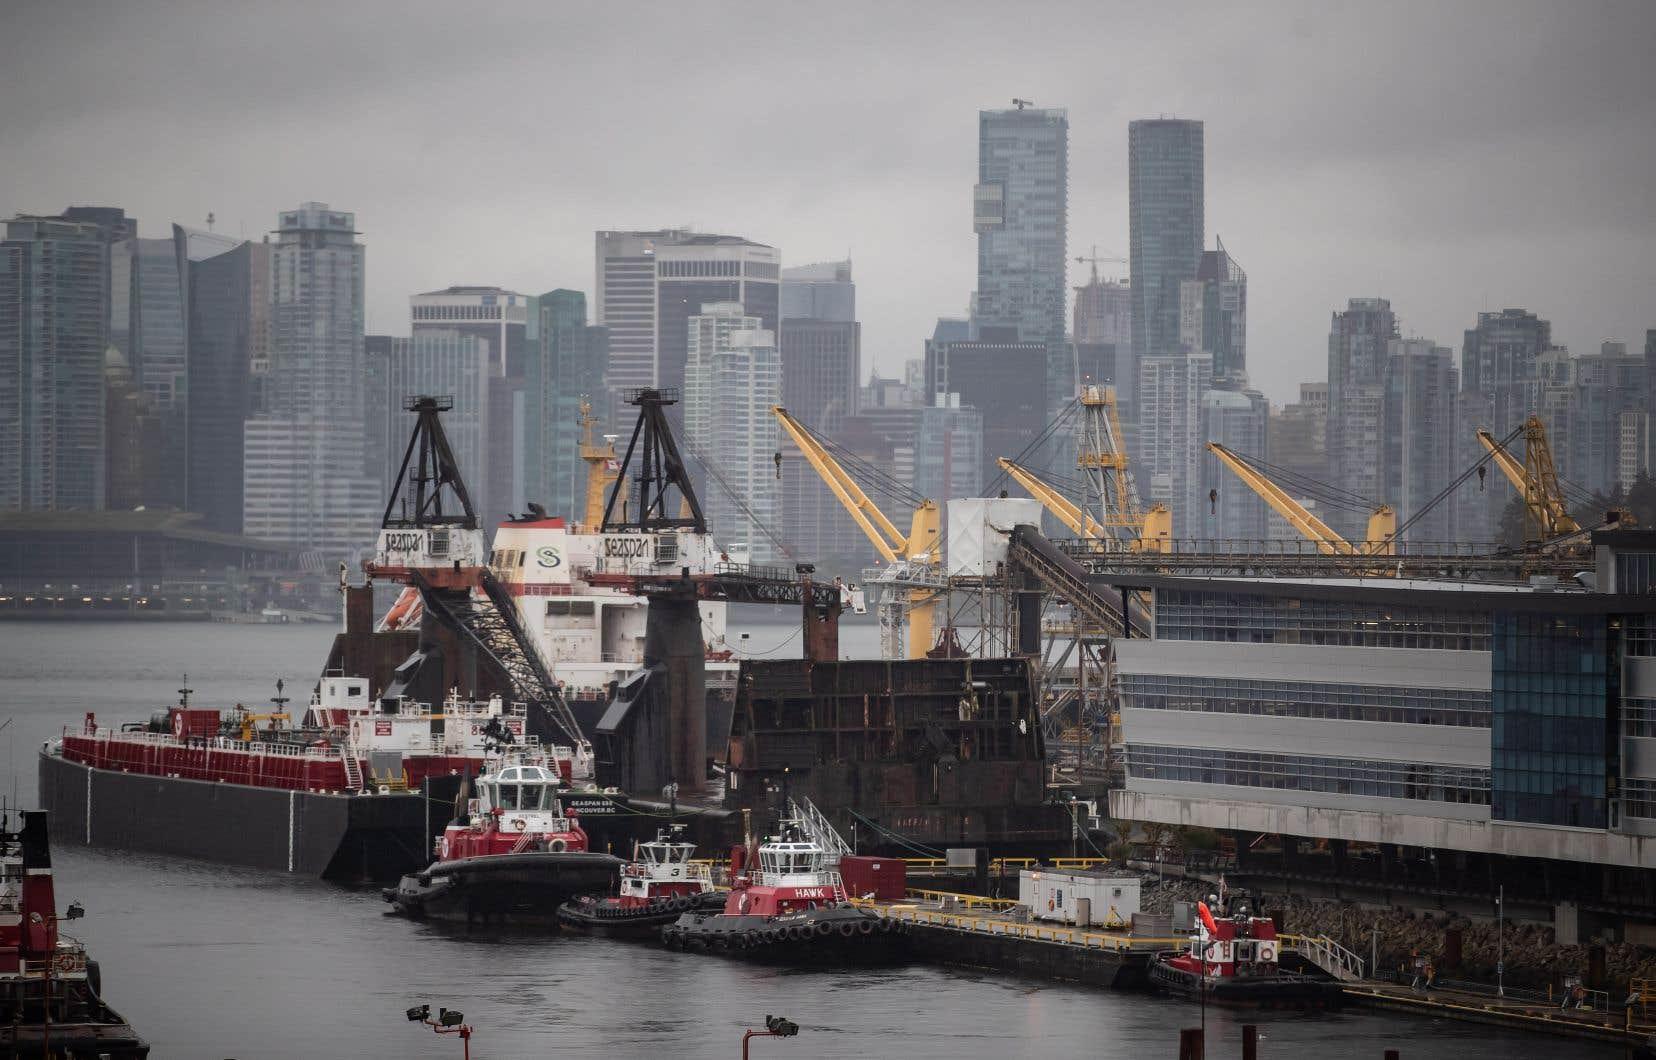 Le contrat pour la construction du navire a été attribué à Seaspan Shipyards, basé à Vancouver.